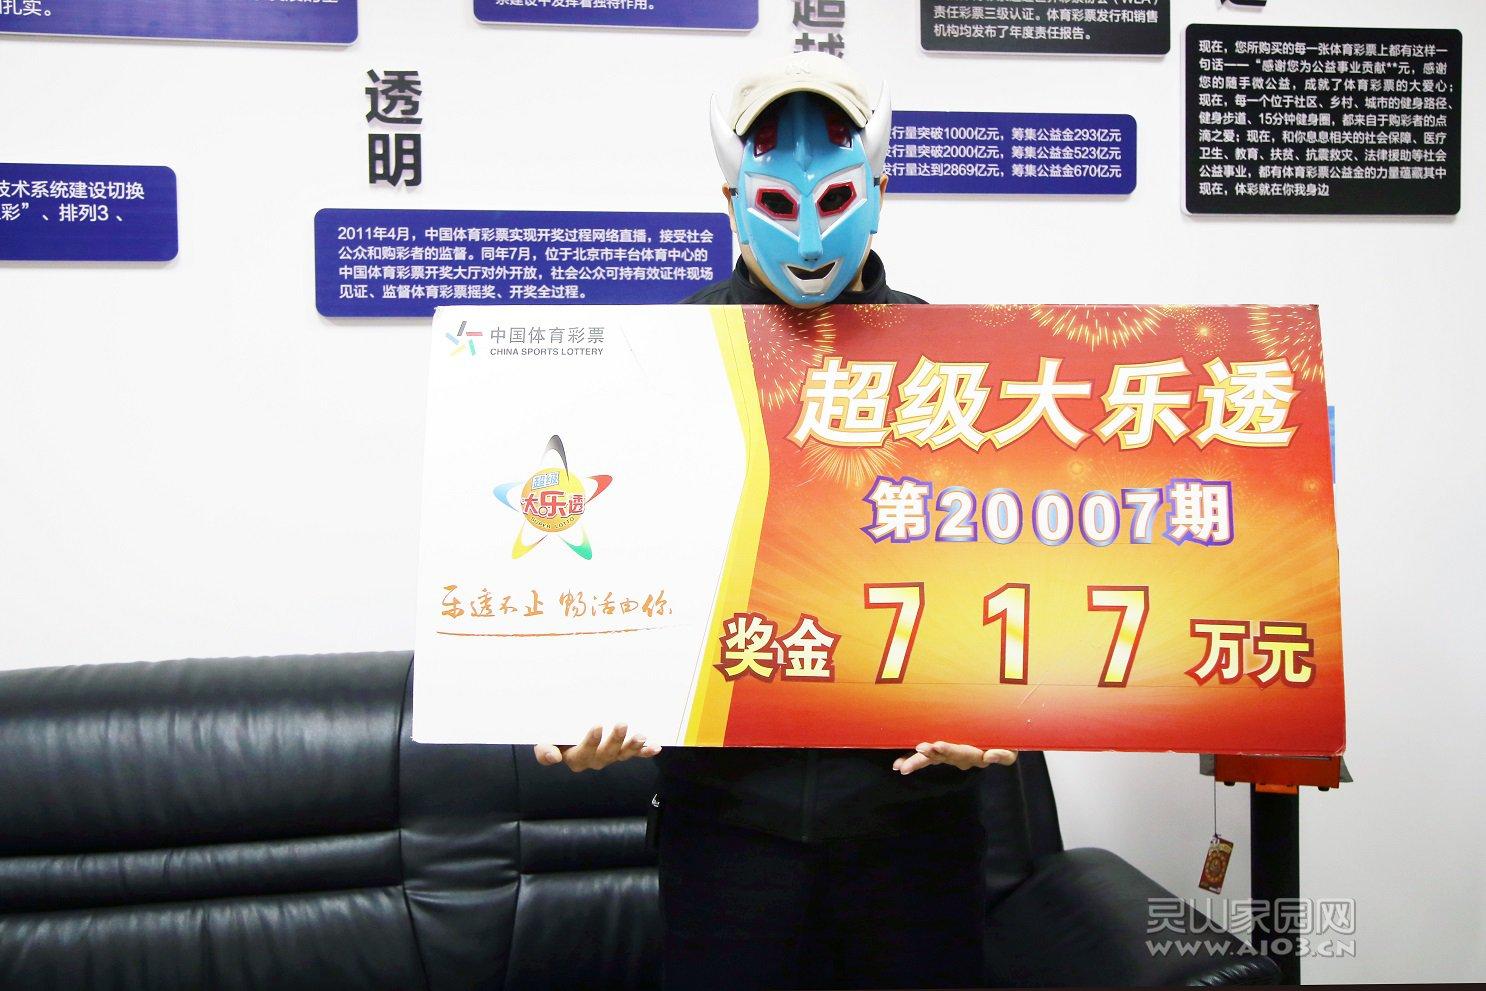 2020.01.15.崇左大乐透717万元【中奖者】-2.jpg